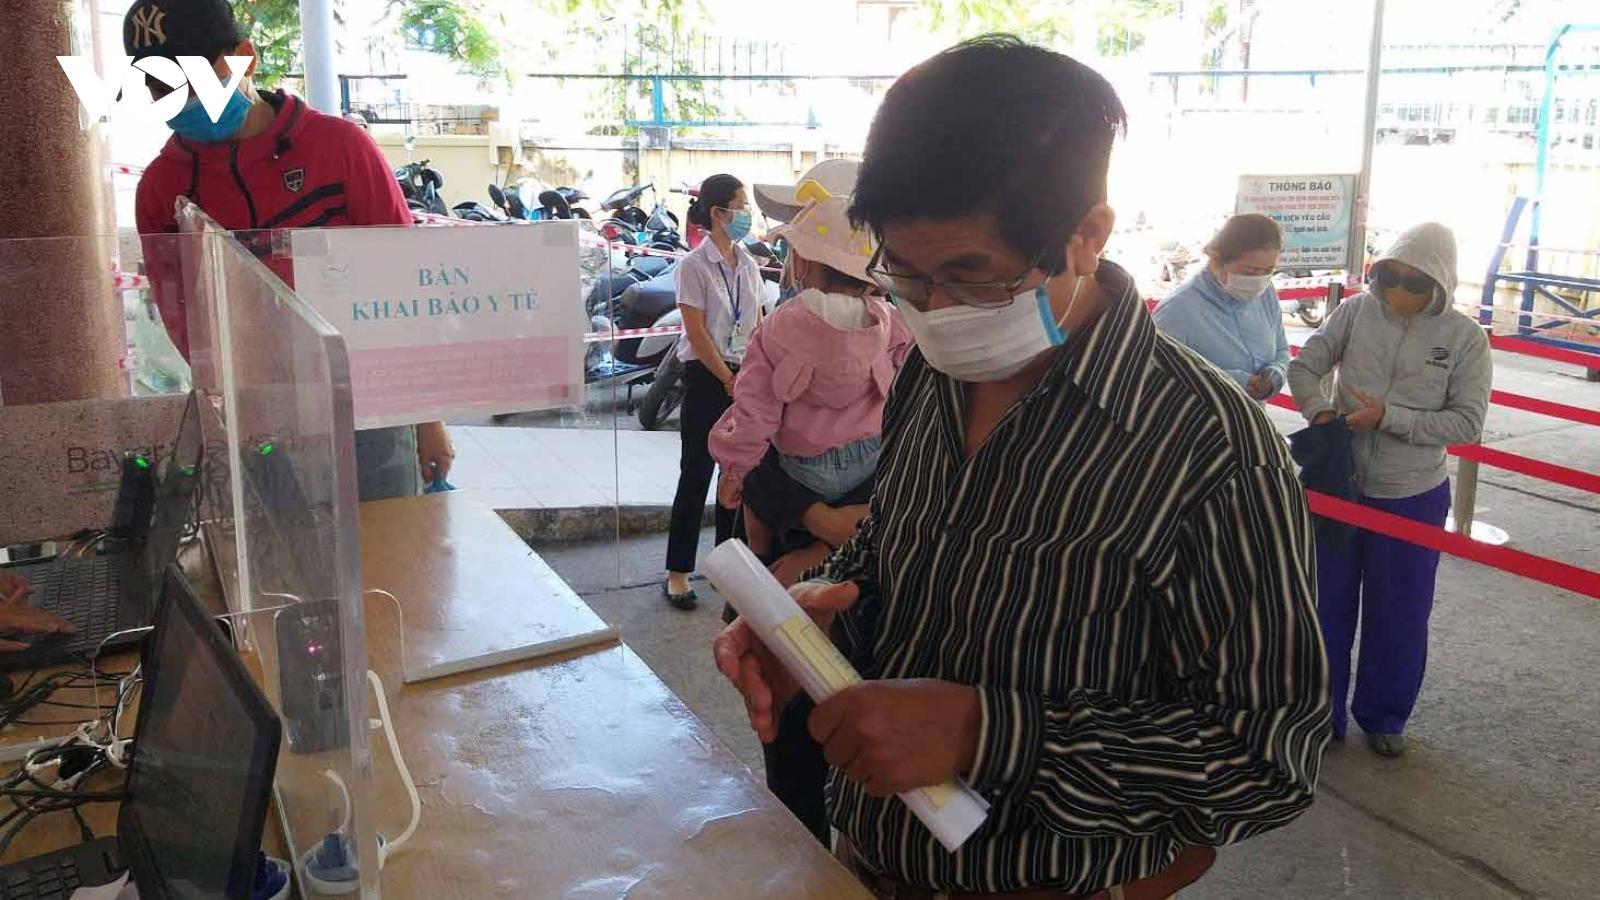 Khánh Hòa phạt 74 trường hợp khôngđeo khẩu trang nơi công cộng